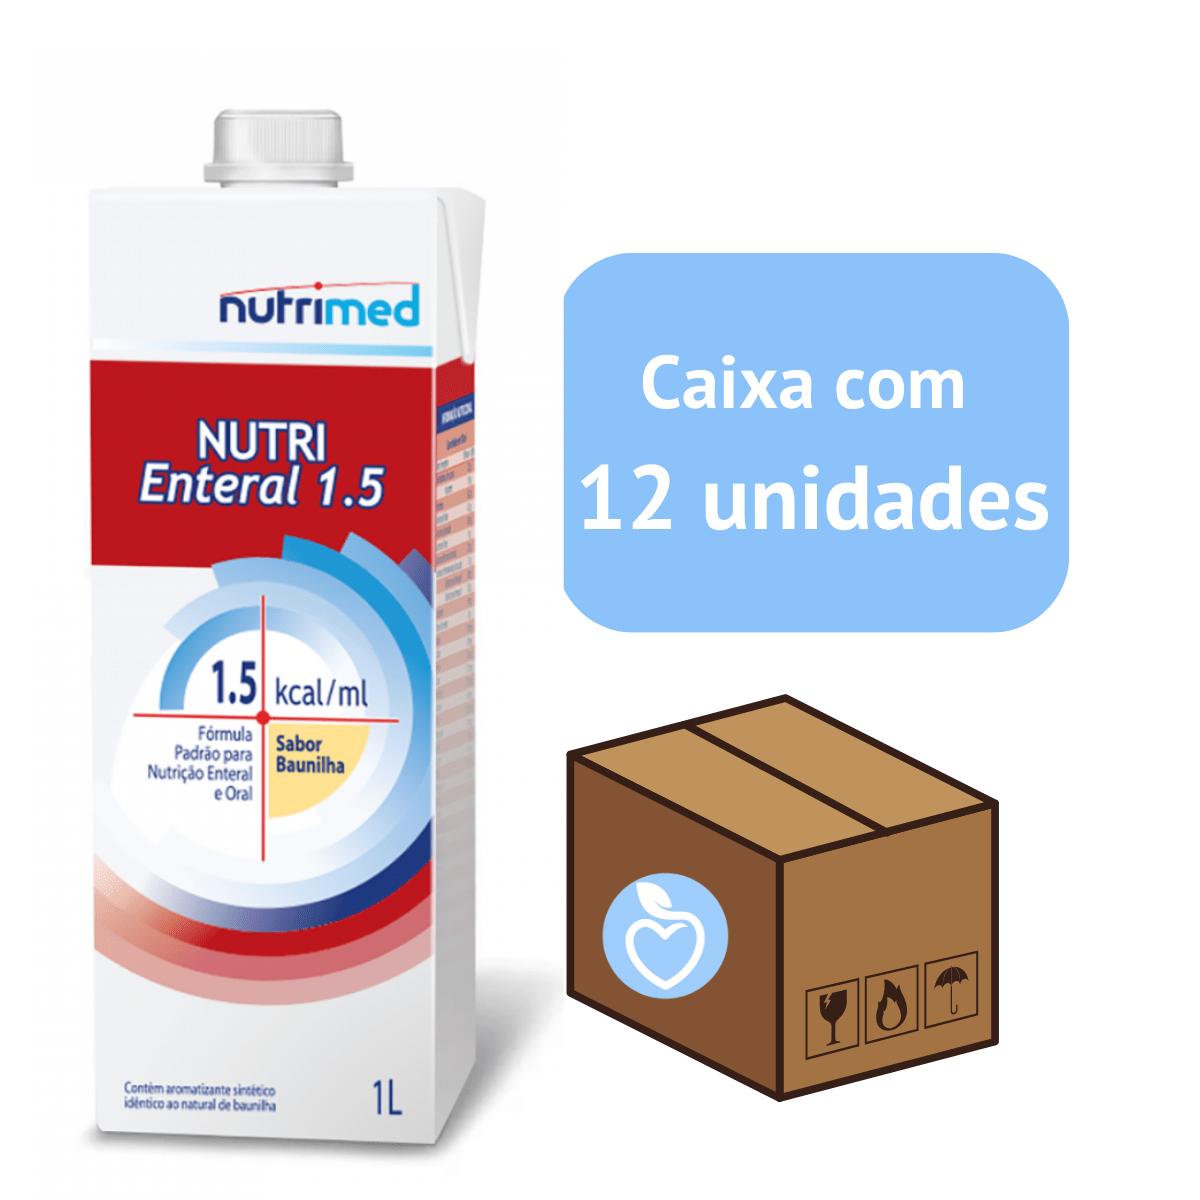 Nutri Enteral 1.5 Kcal - caixa com 12 unidades - Nutrimed